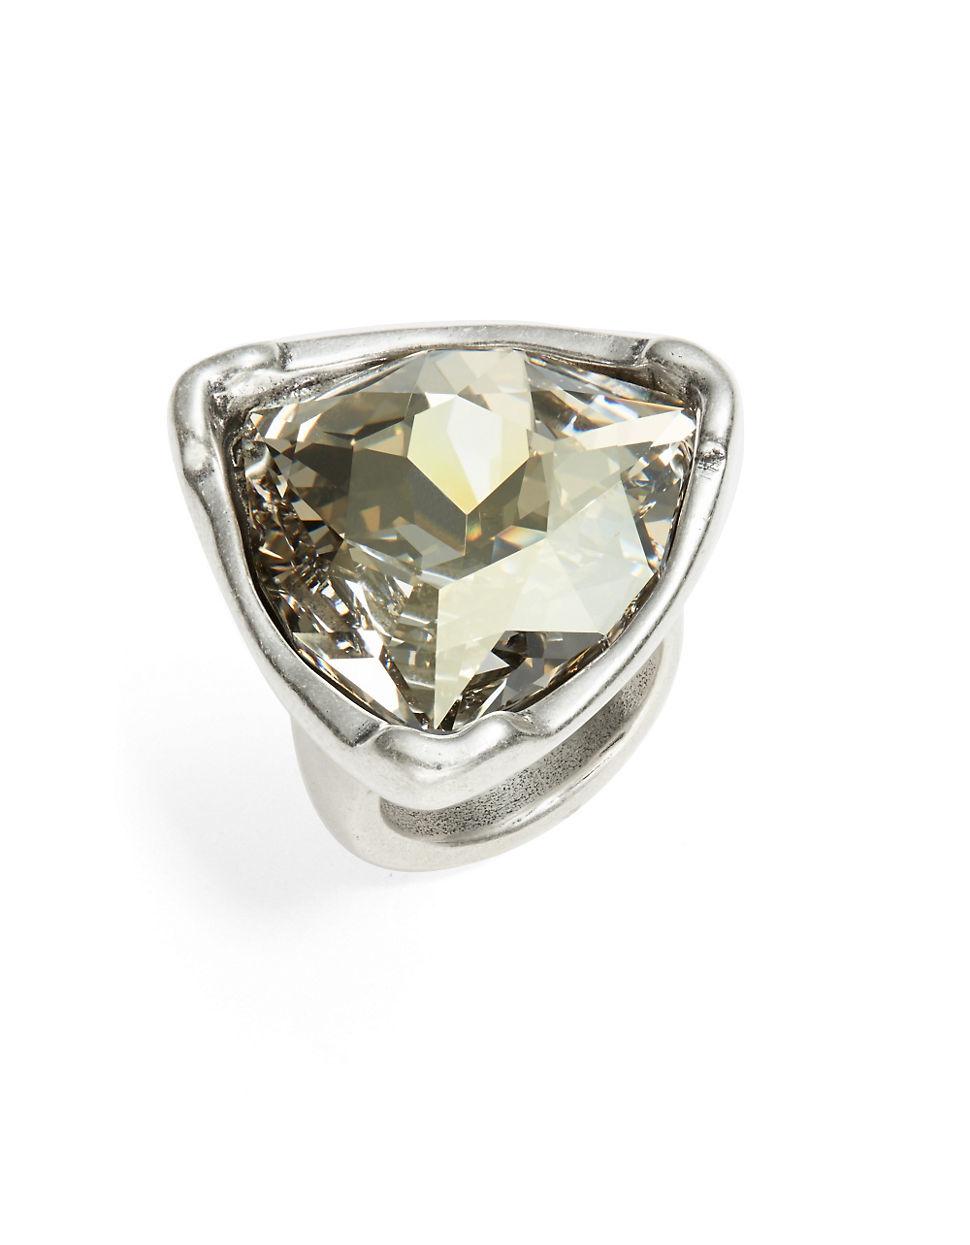 Uno De 50 Star Tremendous Ring In Metallic Lyst